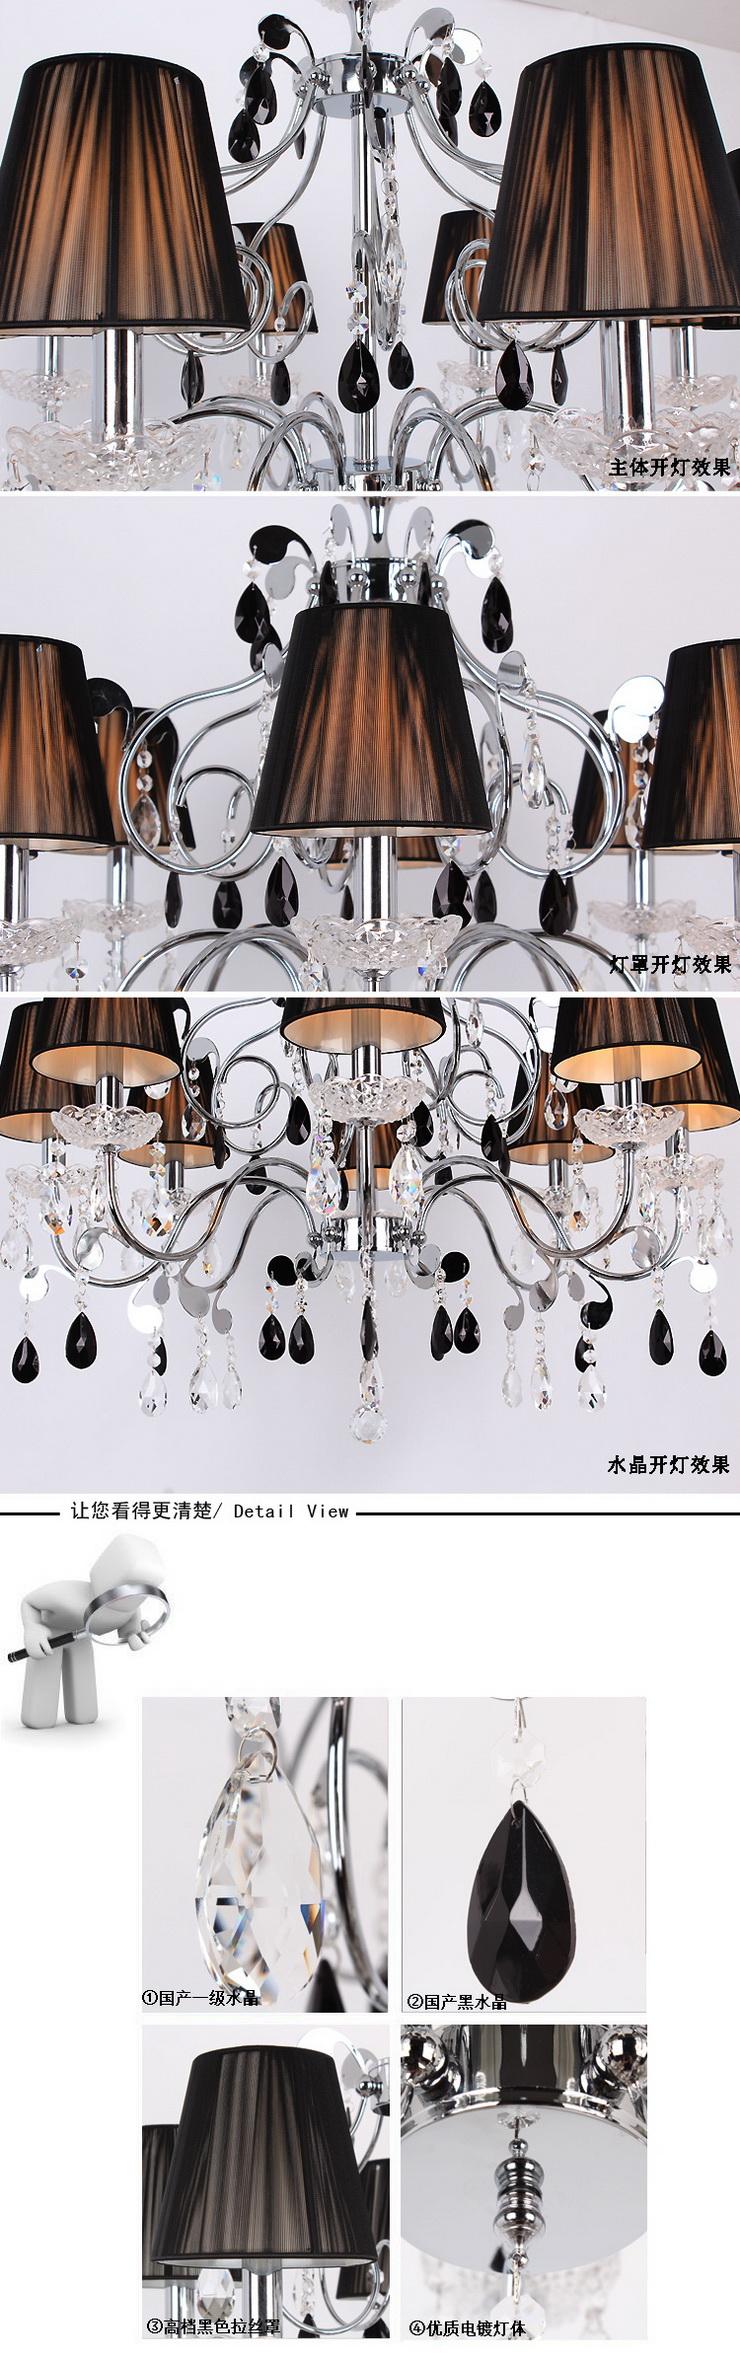 埃弗顿灯饰 md9061-8水晶吊灯 欧式高贵别致客厅水晶吊灯 餐厅灯卧室